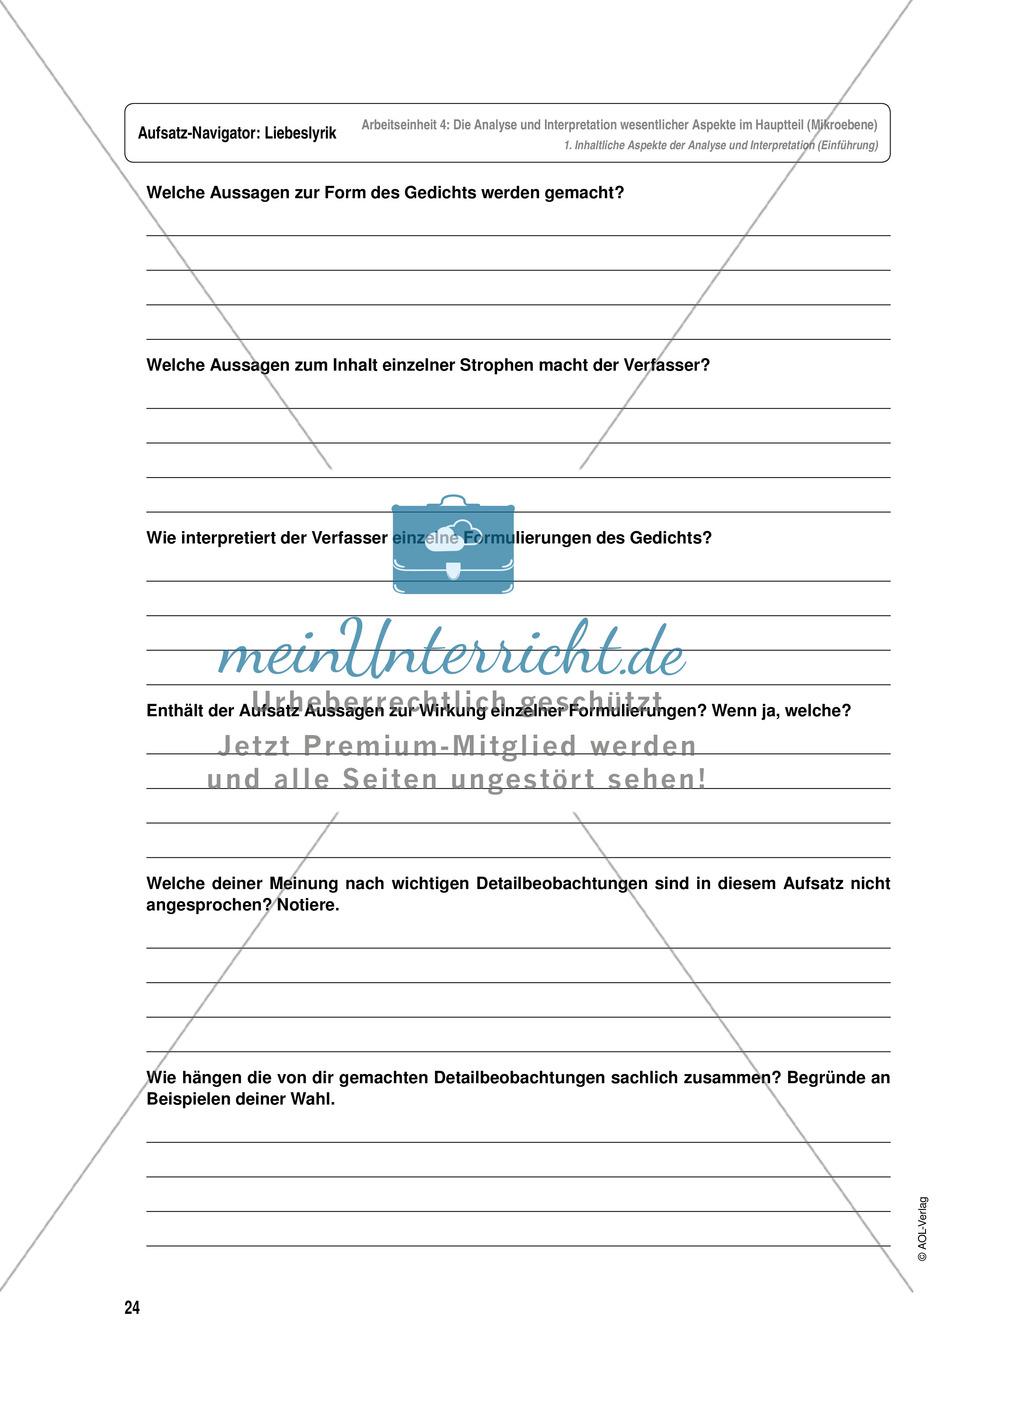 Arbeitseinheit zur Gestaltung einer Analyse / Interpretation von Liebeslyrik - Die Analyse und Interpretation wesentlicher Aspekte im Hauptteil (Mikroebene) Preview 1